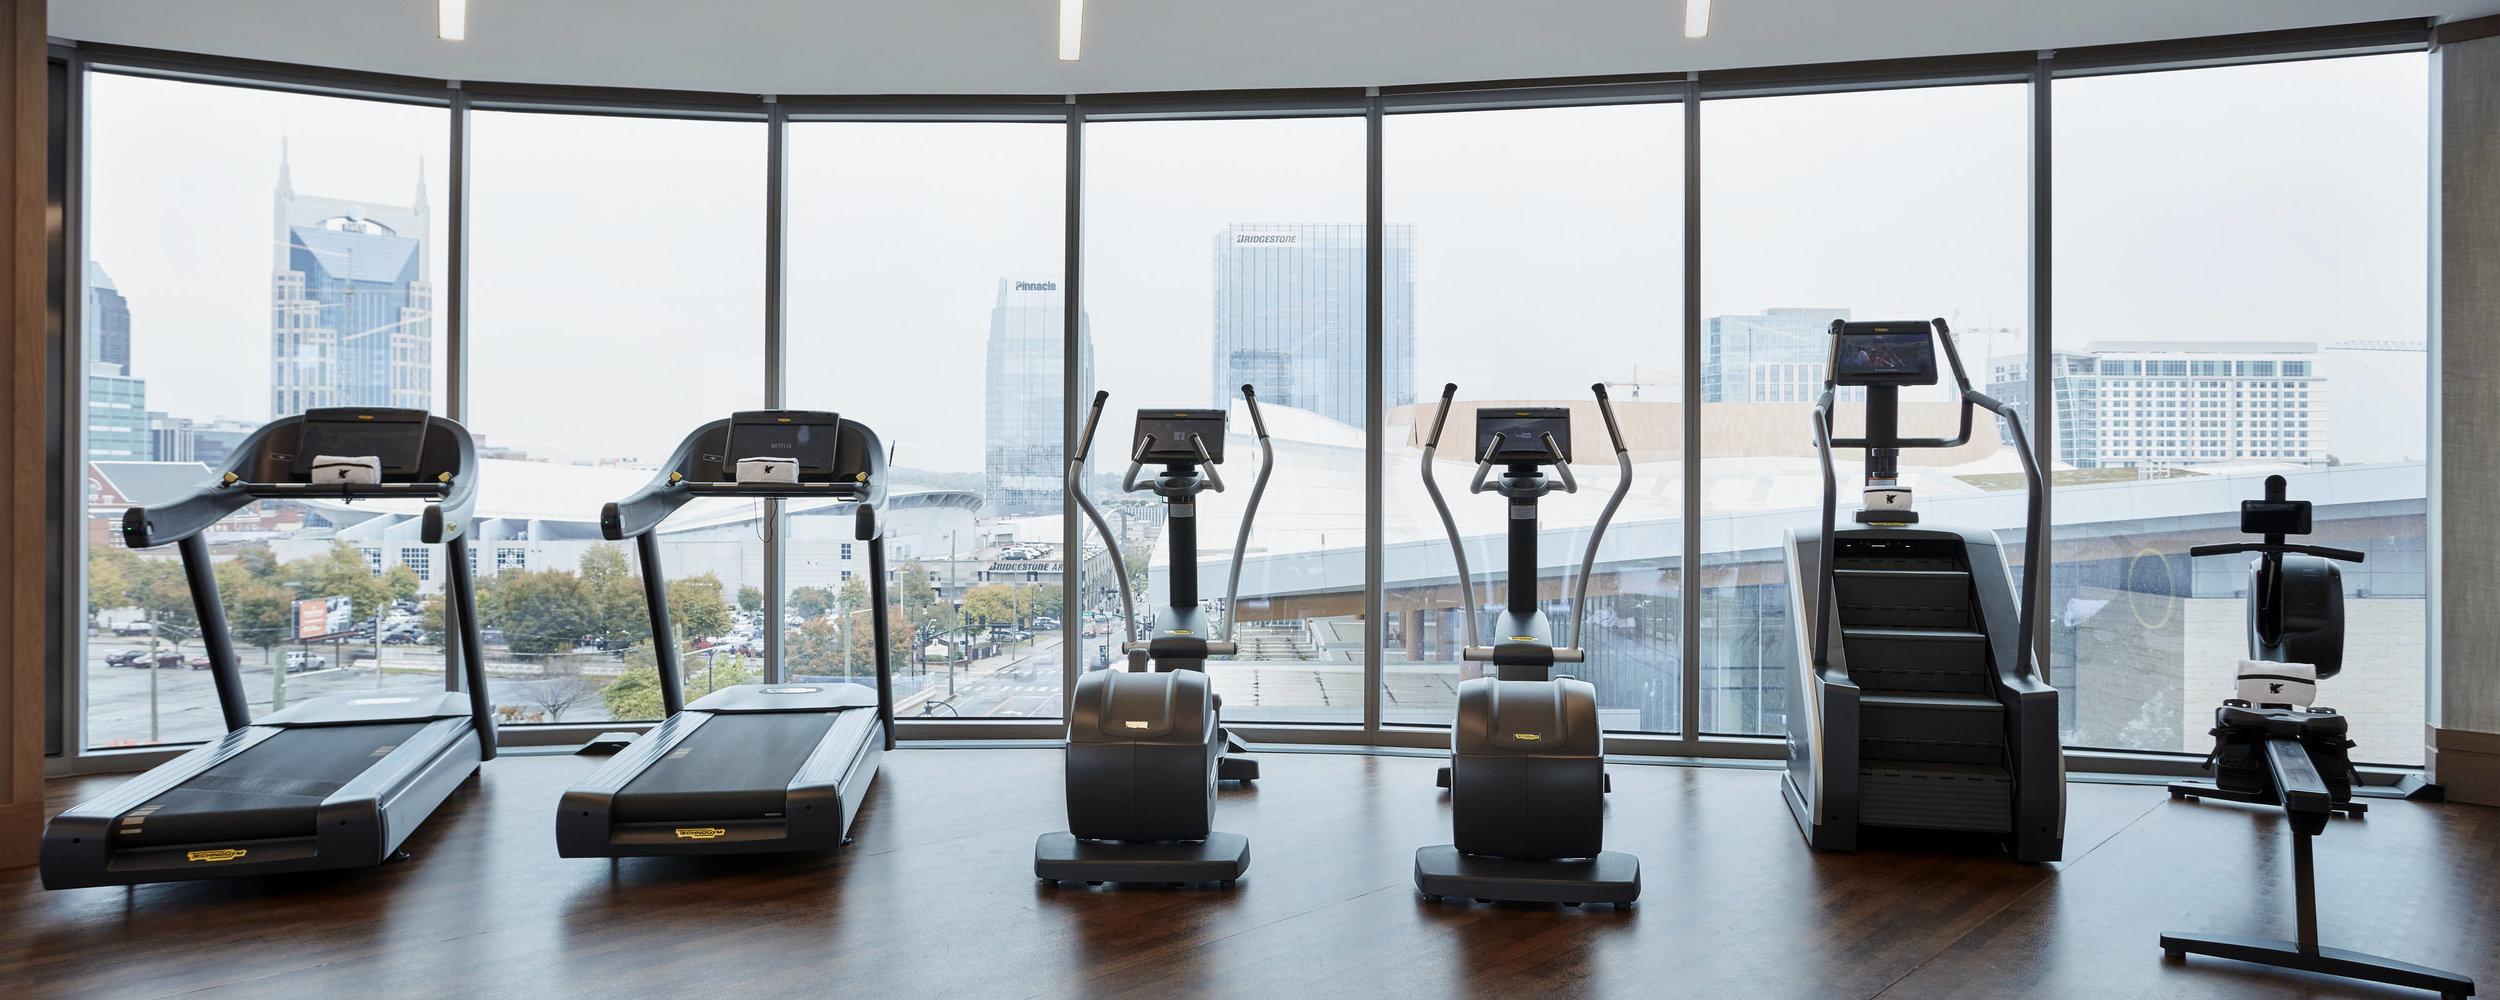 bnajw-fitness-center-6971-hor-feat.jpg